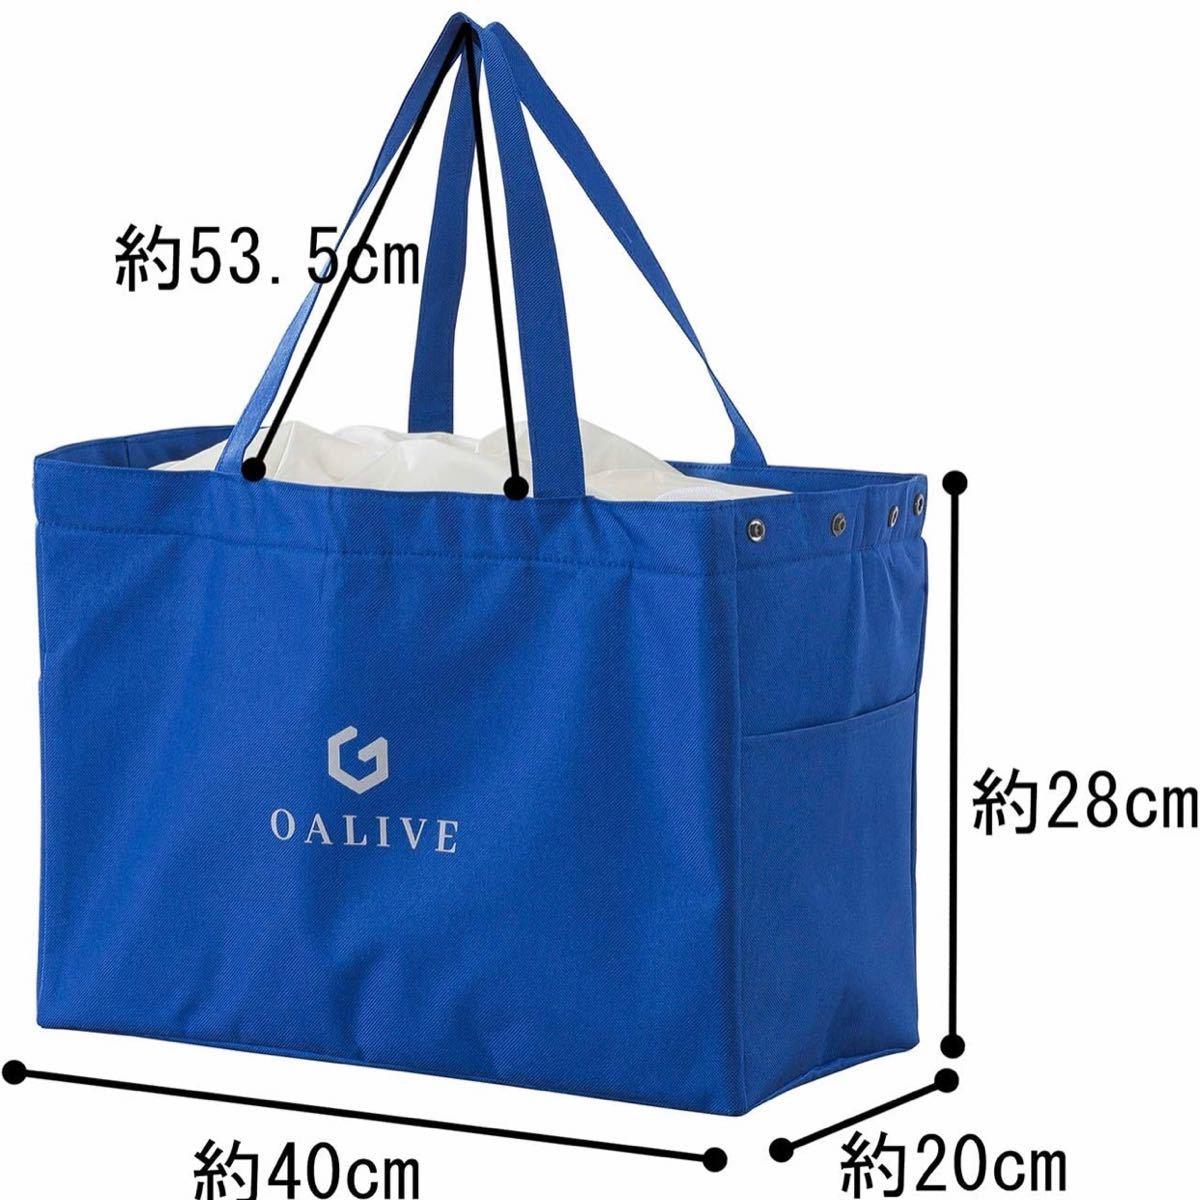 エコバッグ 保冷バッグ ショッピングバッグ レジカゴ用 トートバッグ キャンプ